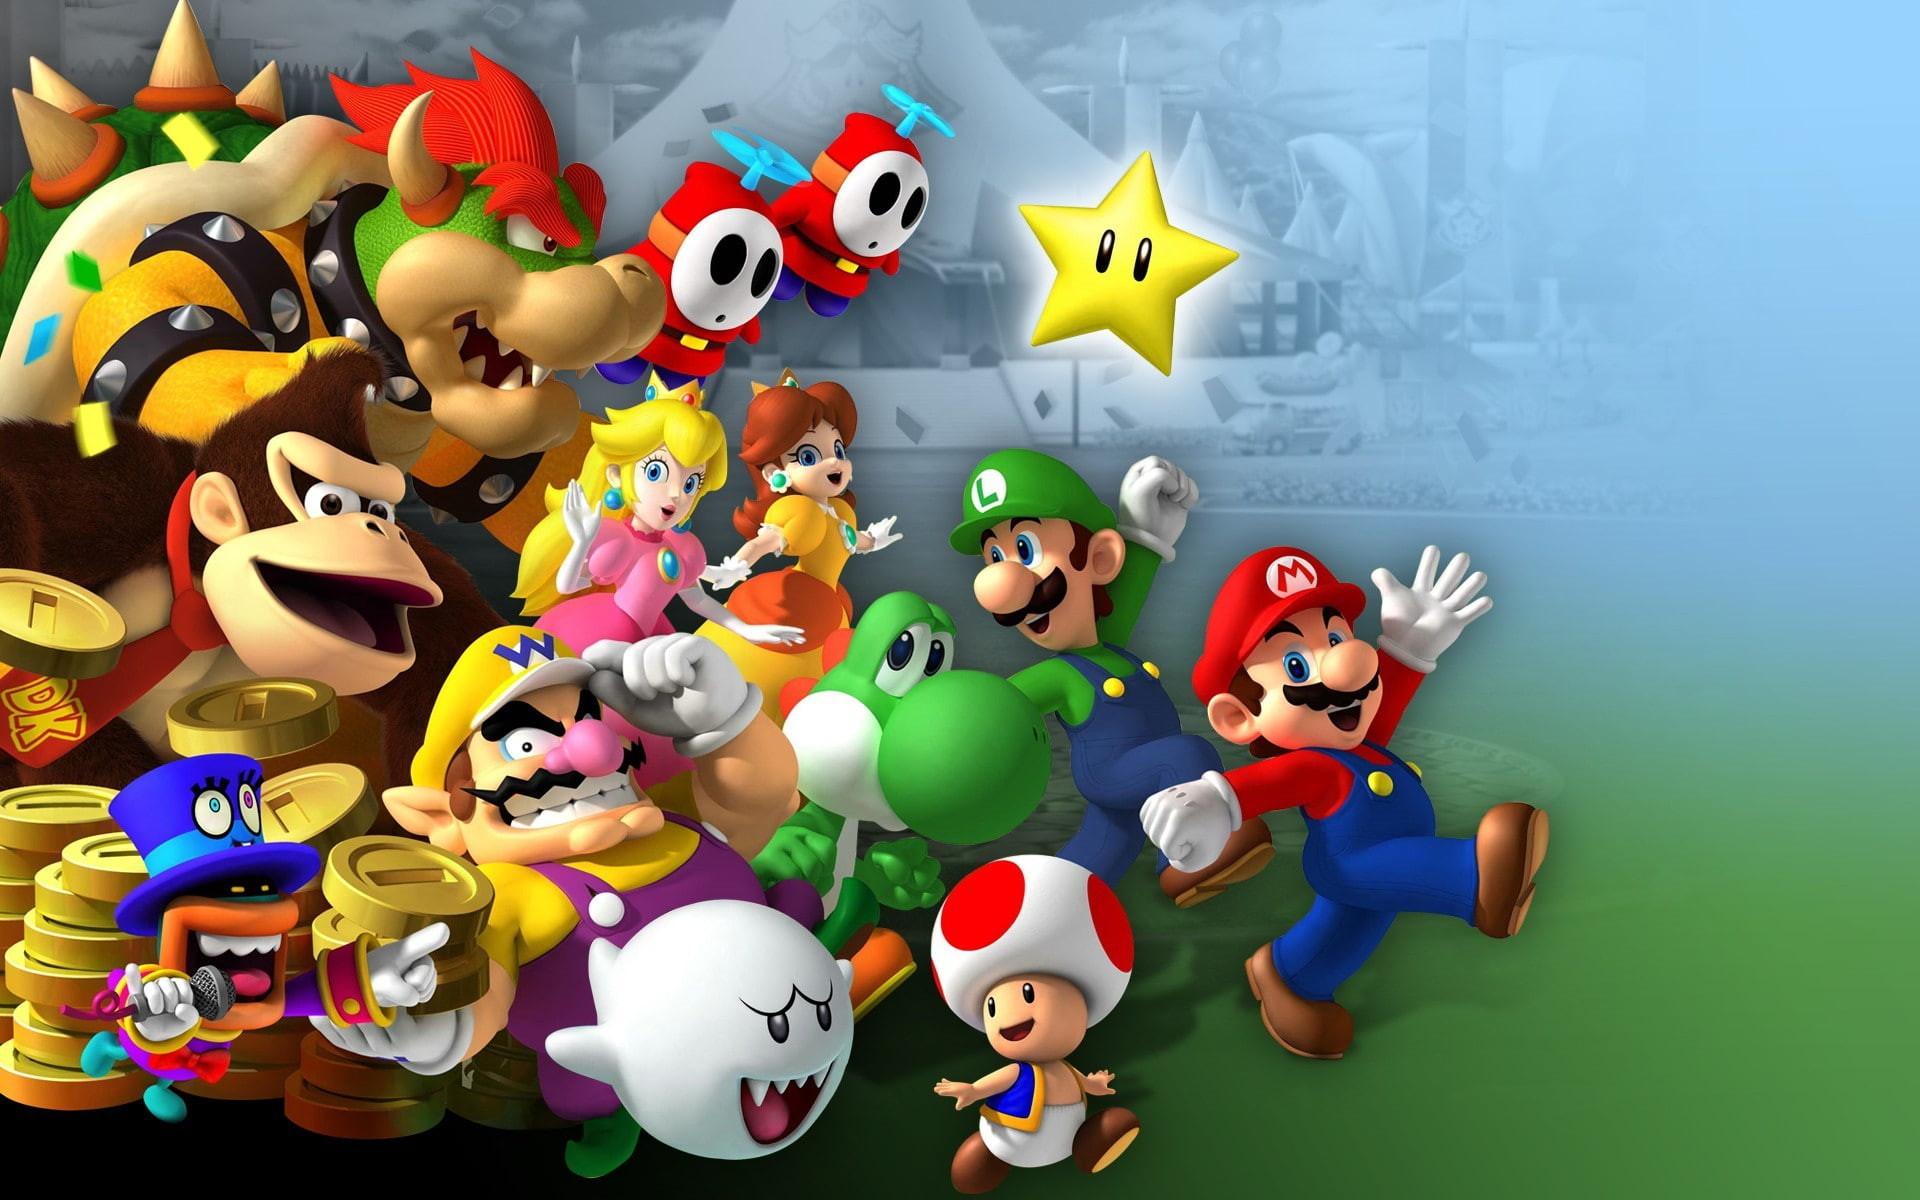 Res: 1920x1200, Mario, Mario Party 8, Boo (Super Mario), Bowser, Donkey Kong